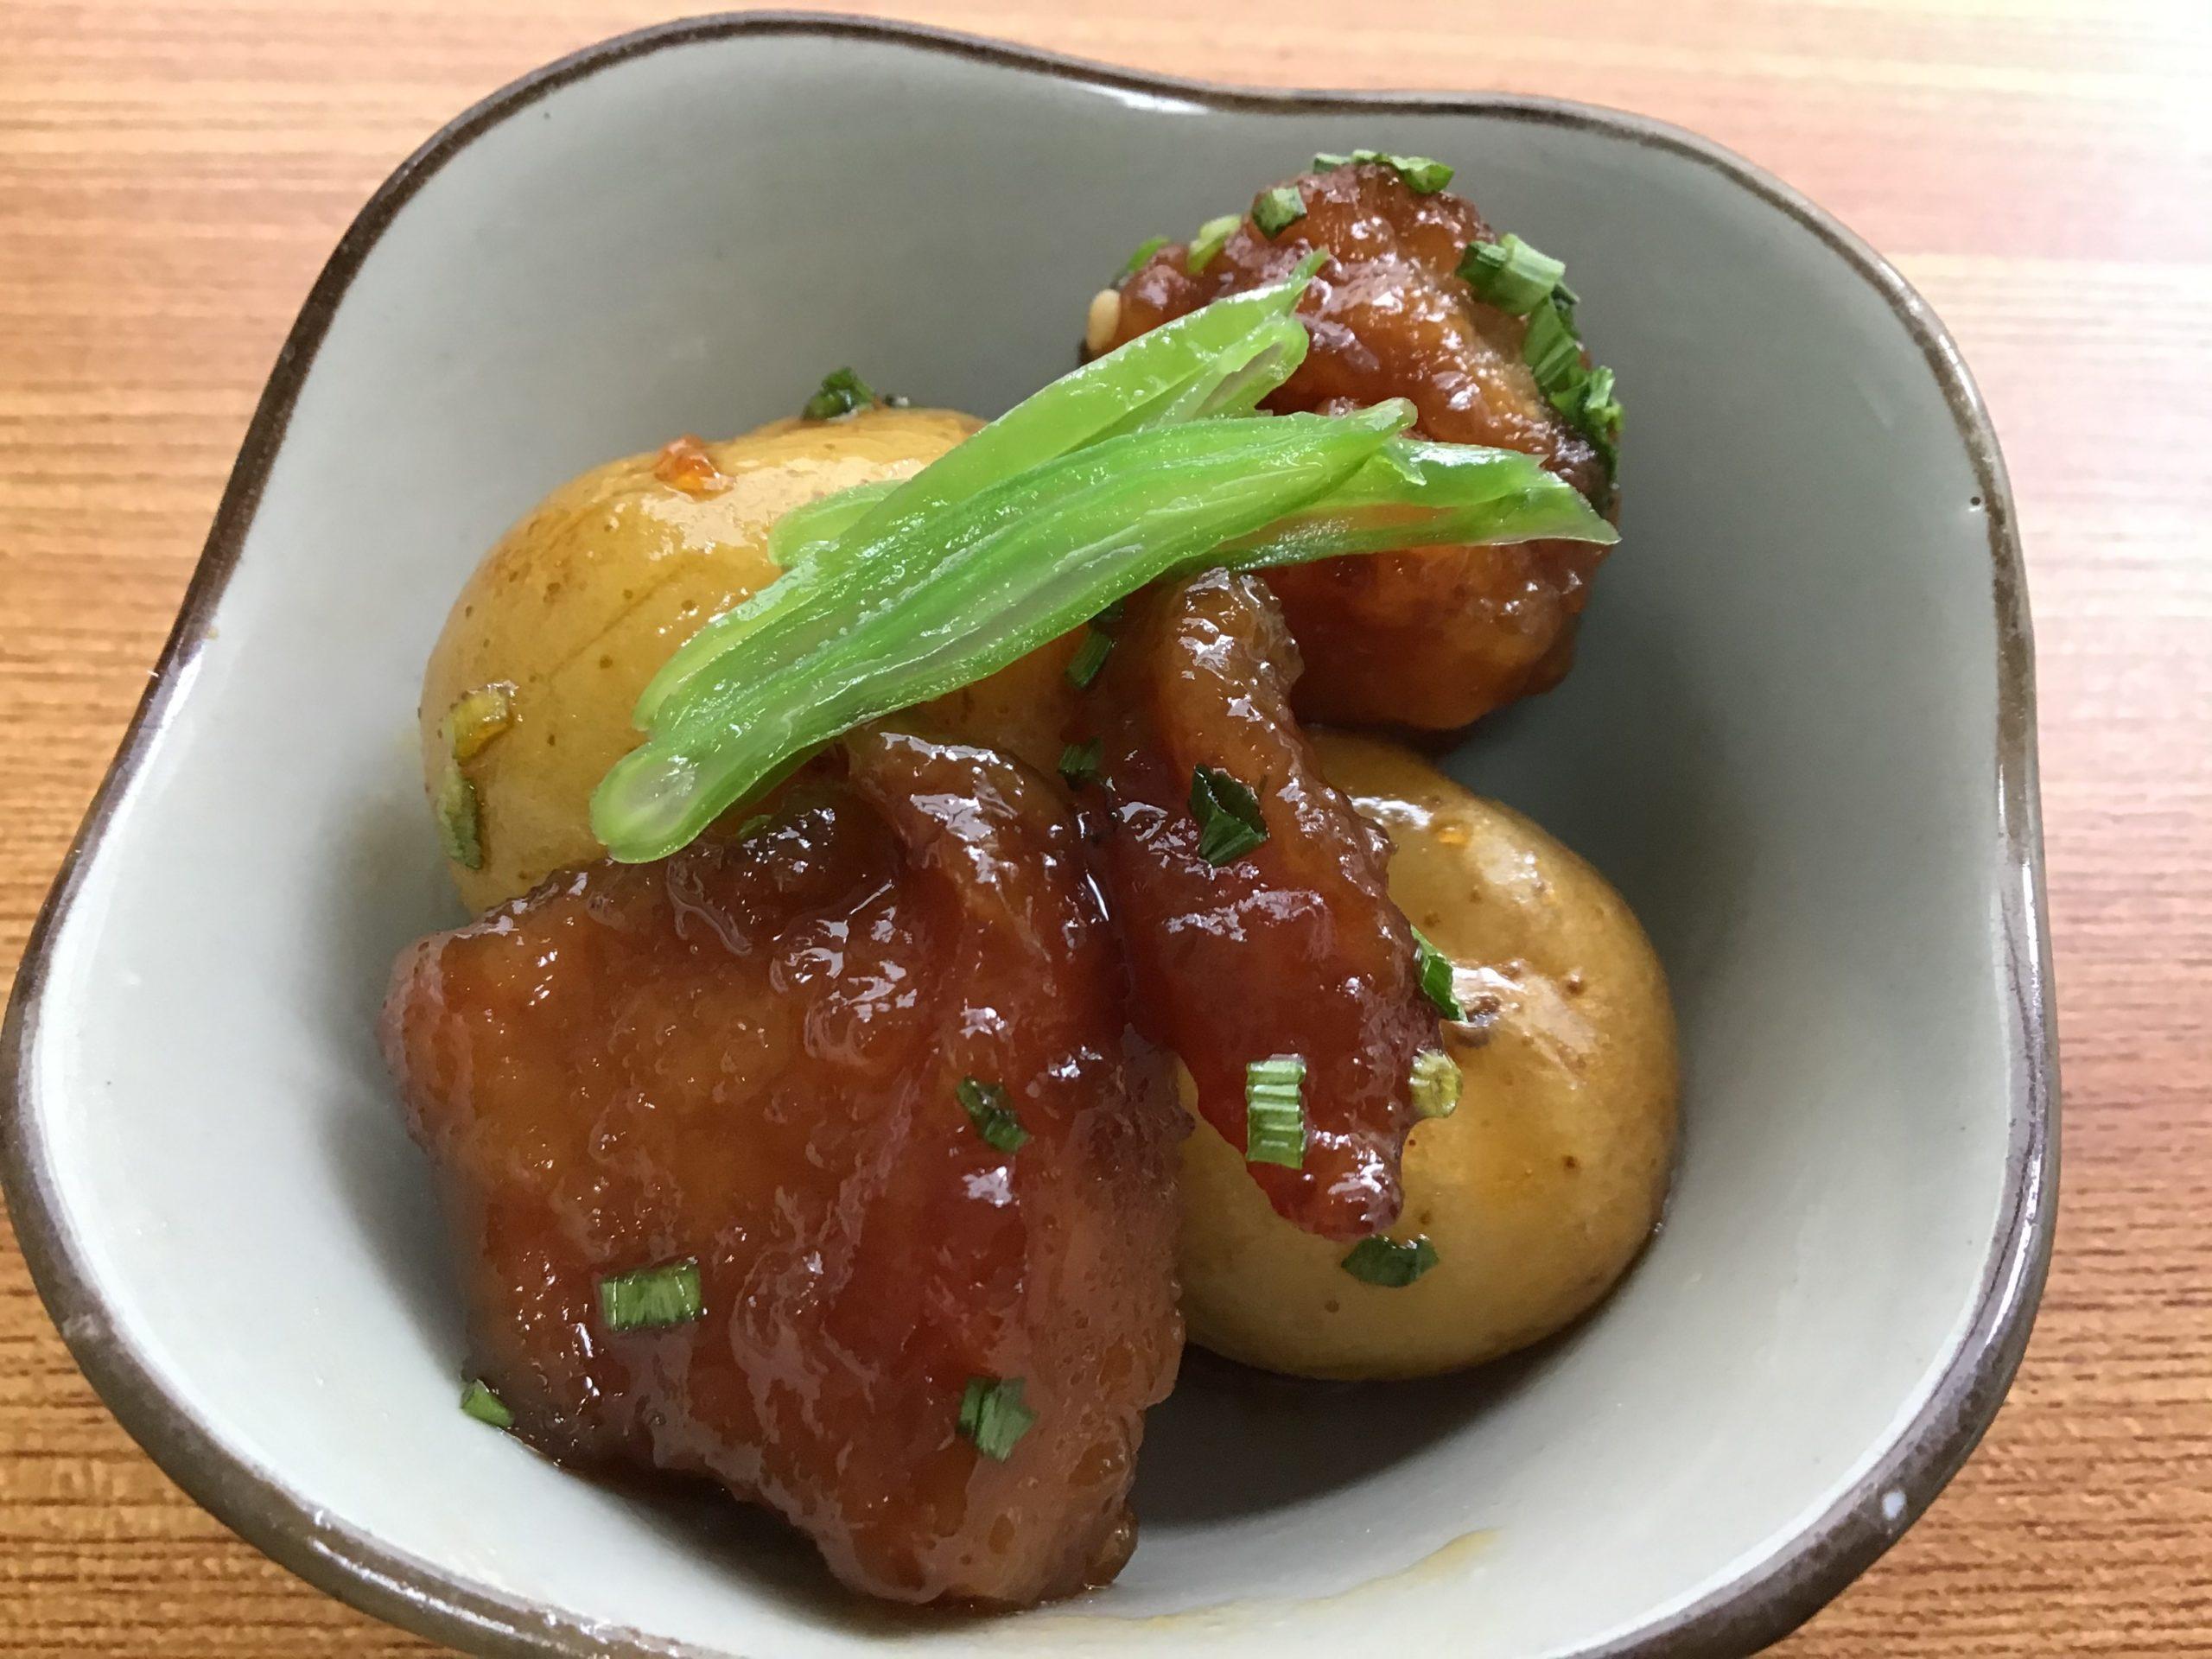 ほくほく芋とカリッと豚が堪らない!新じゃがと豚肉のからめ煮